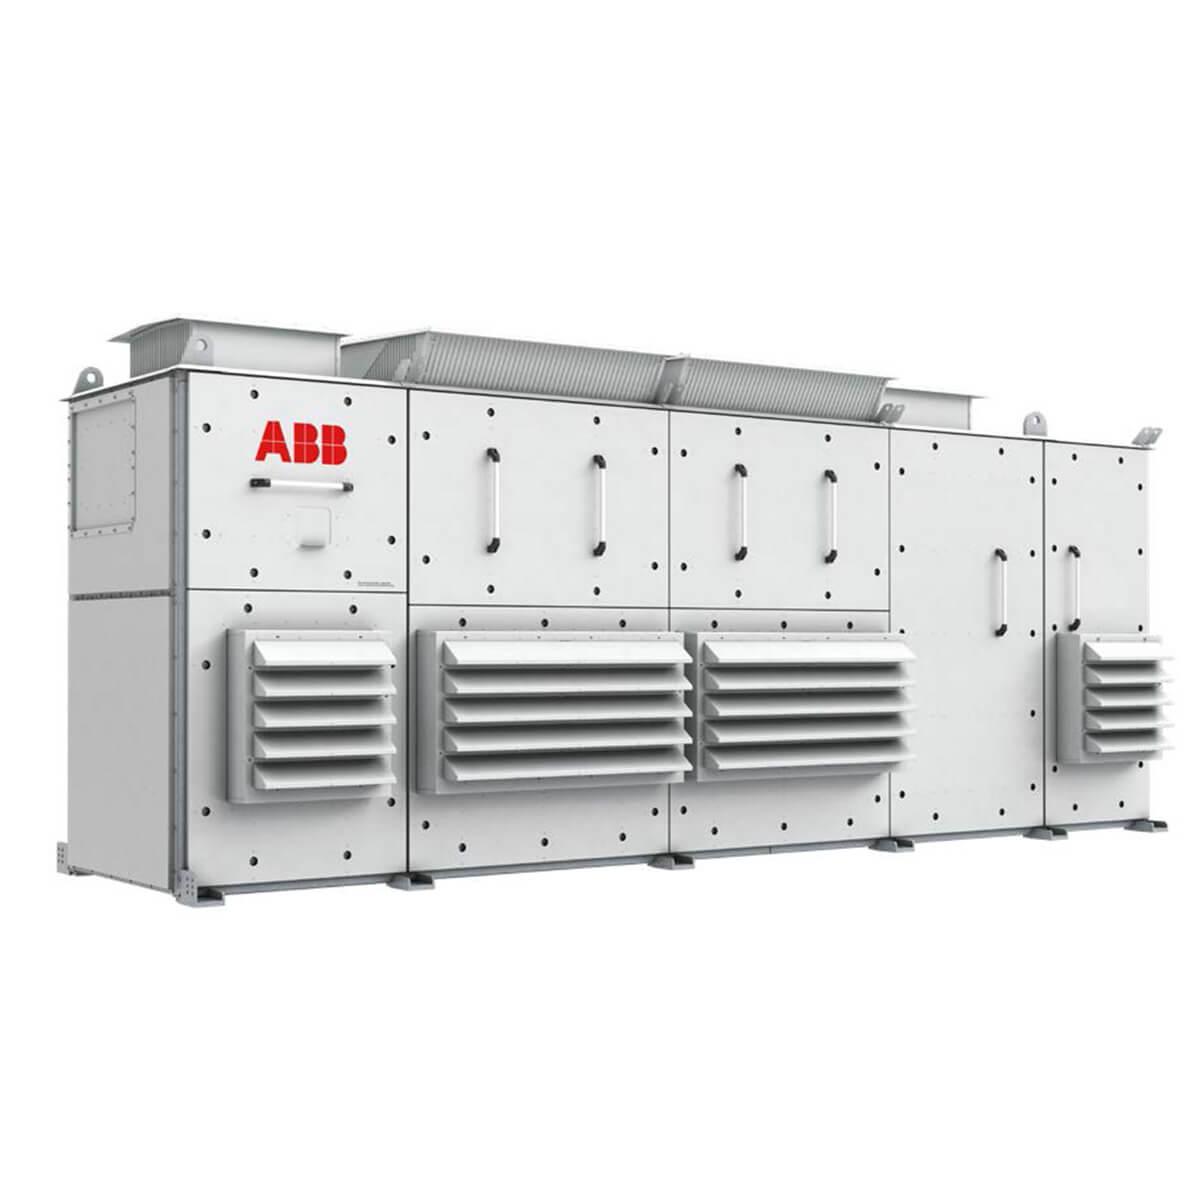 abb fimer 5000kW inverter, abb fimer pvs980-58 5000kW inverter, abb fimer pvs980-58-5.0-mva-5000kW-l inverter, abb fimer pvs980-58-5.0-mva-5000kW-l, abb fimer pvs980-58 5000kW, ABB FIMER 5000 KW